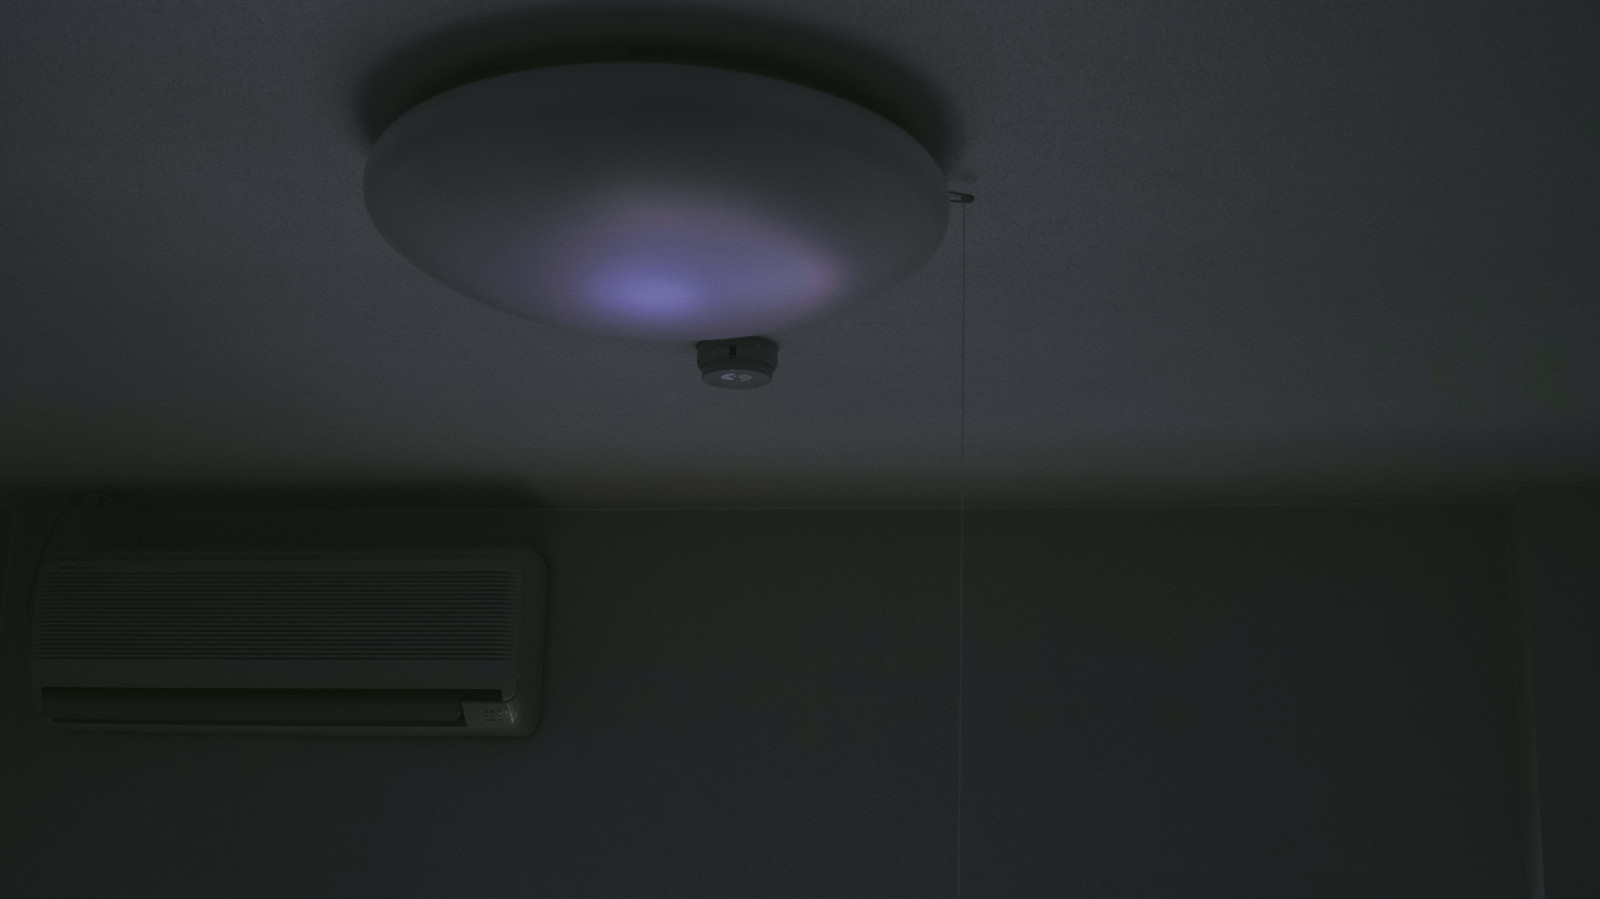 【停電】中国電力料金未納で停電した場合(復旧)の電話番号は?